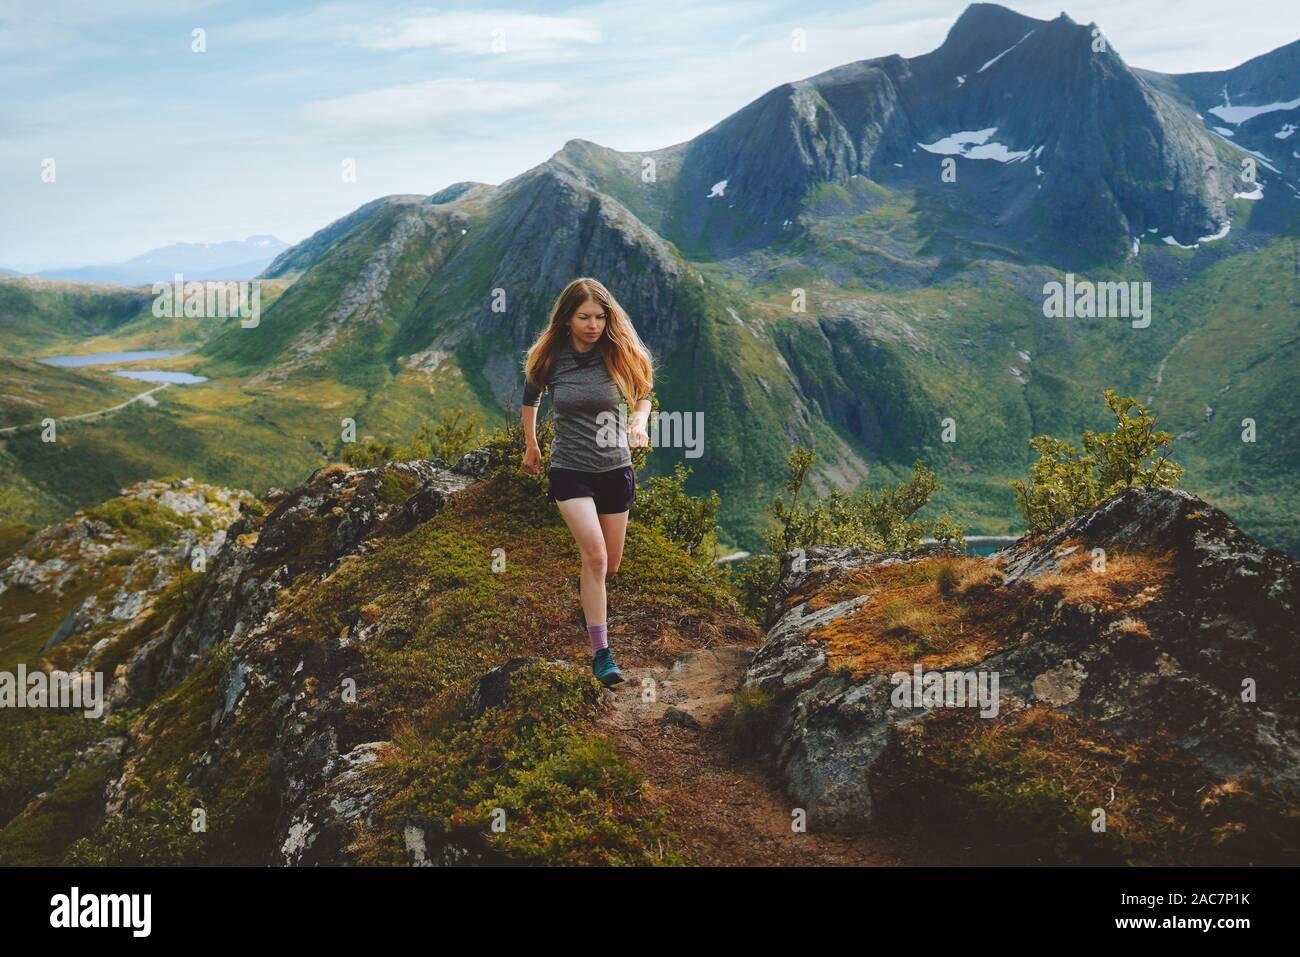 Mujer trail running en montañas montañas exterior viajes vida sana actividad de aventura formación atlética motivación concepto Noruega naturaleza Sen Foto de stock